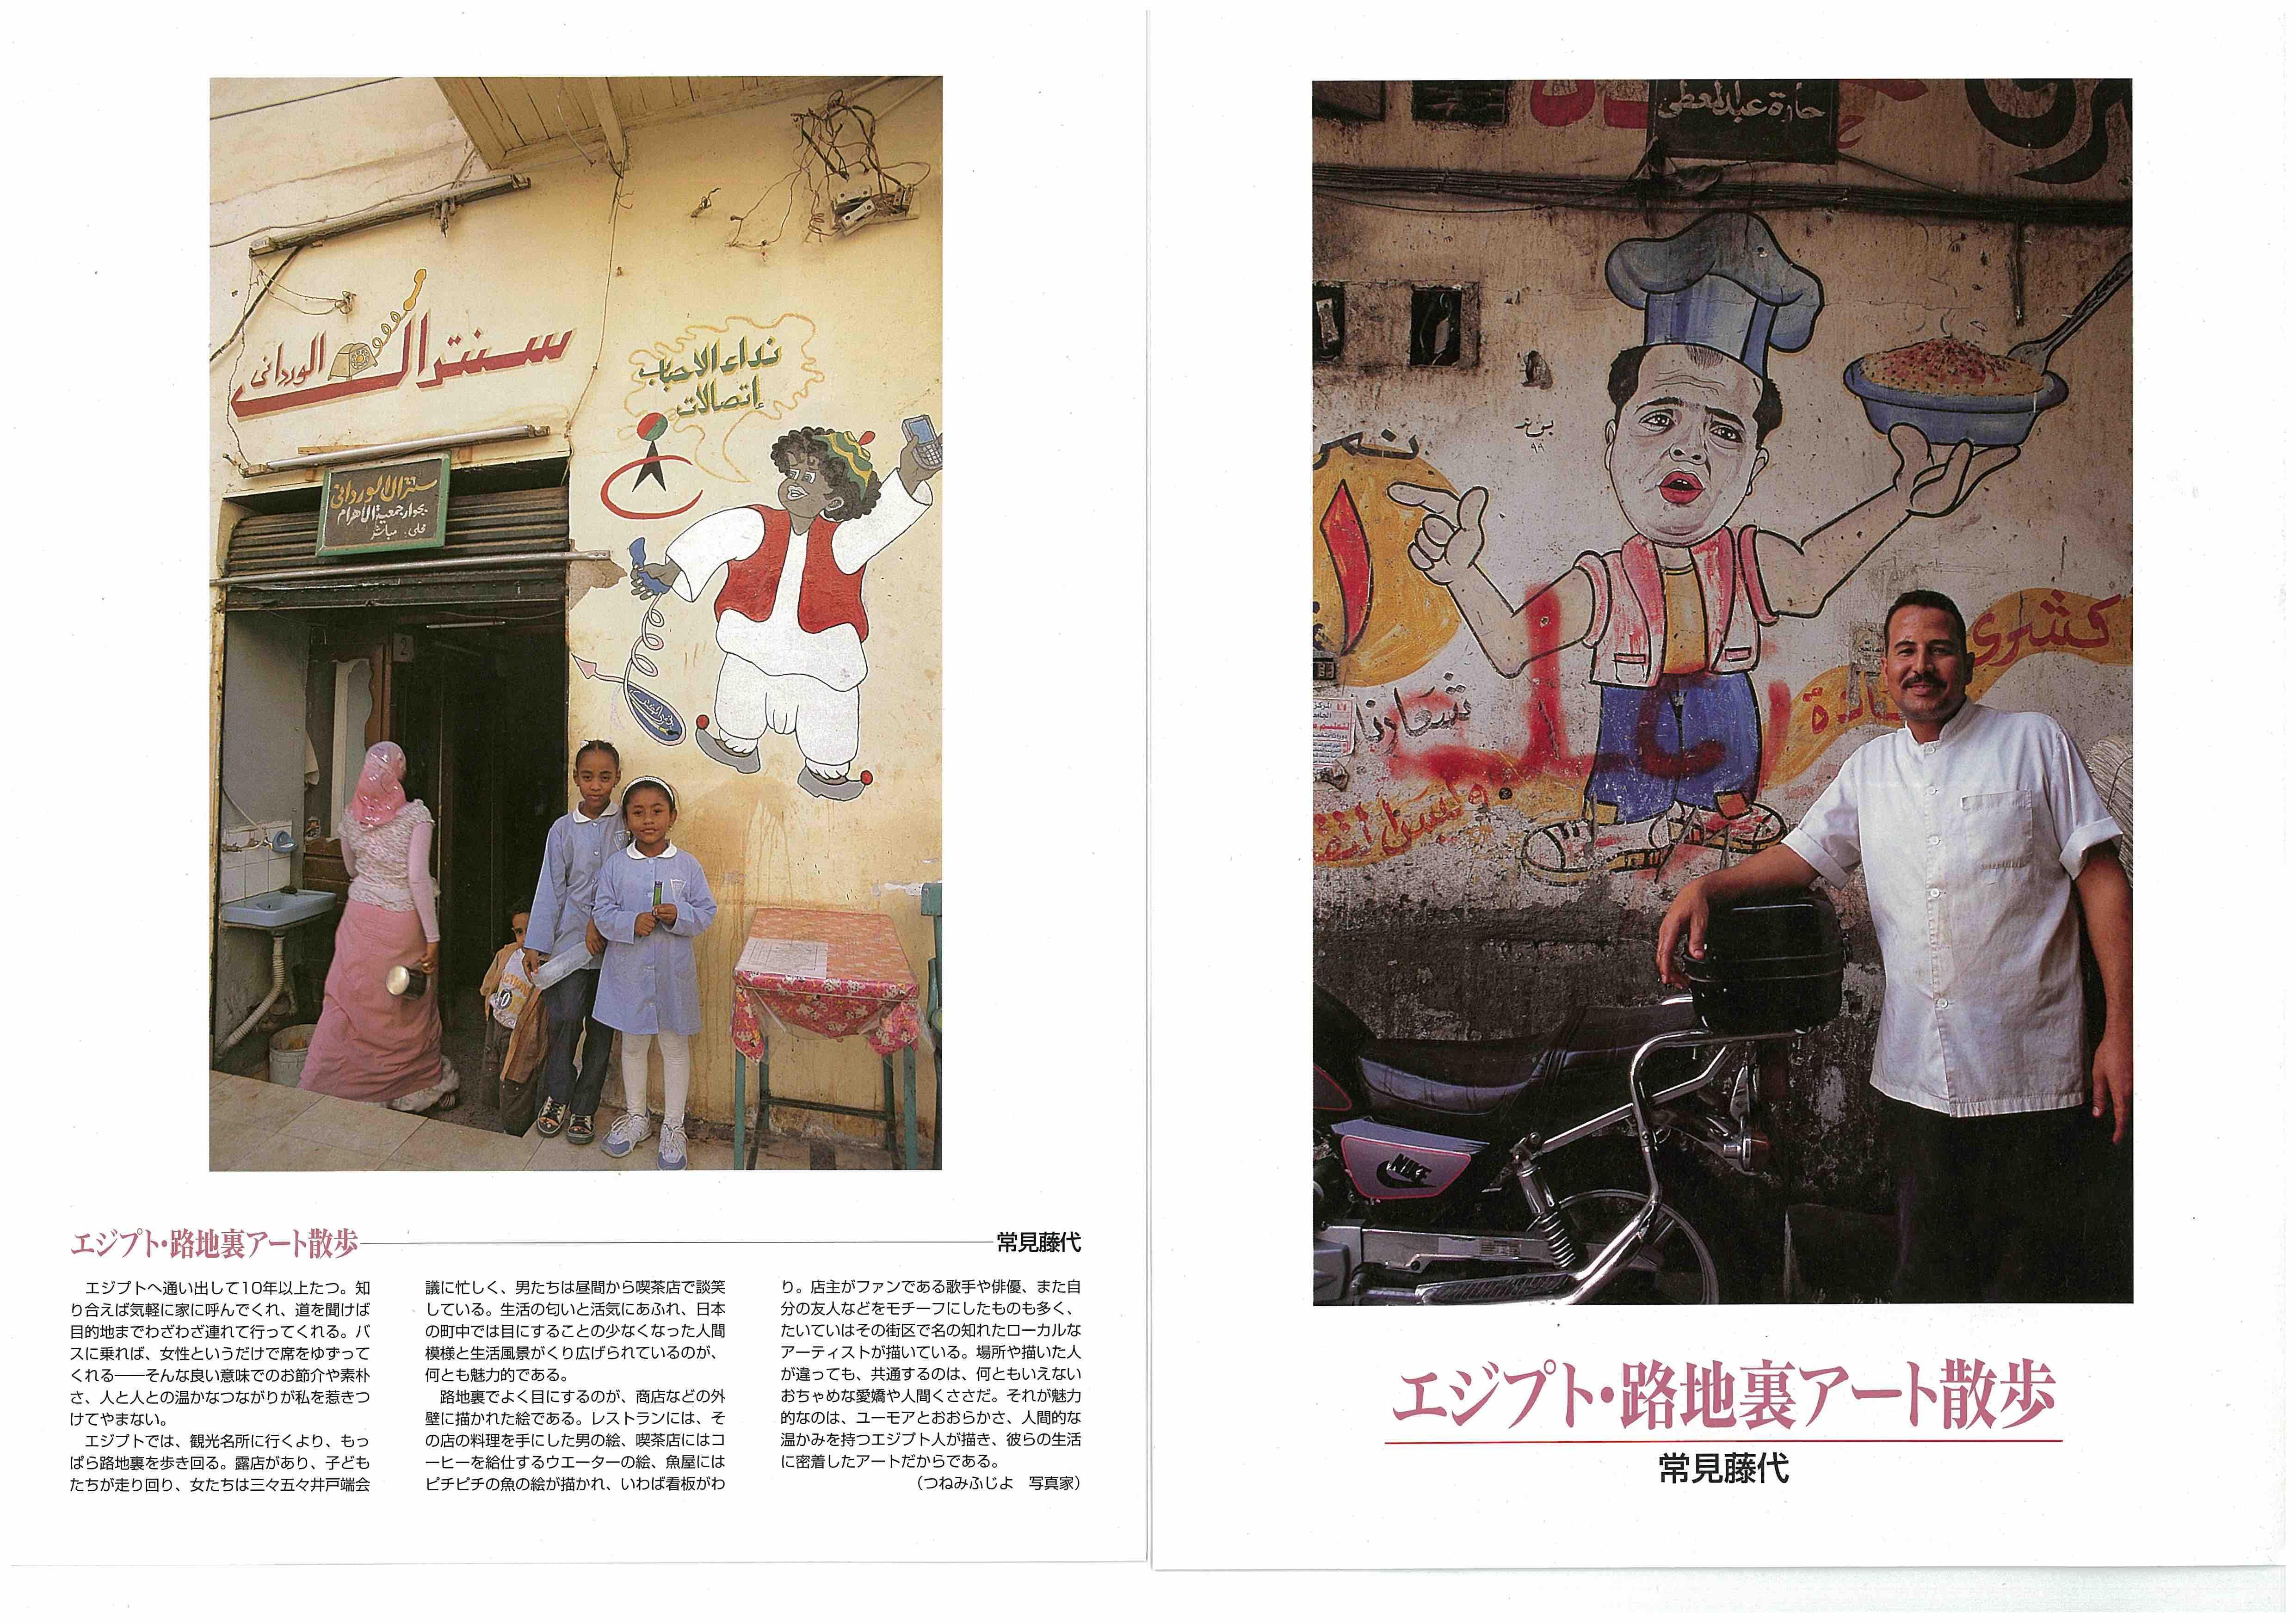 エジプト・路地裏アート散歩(1)